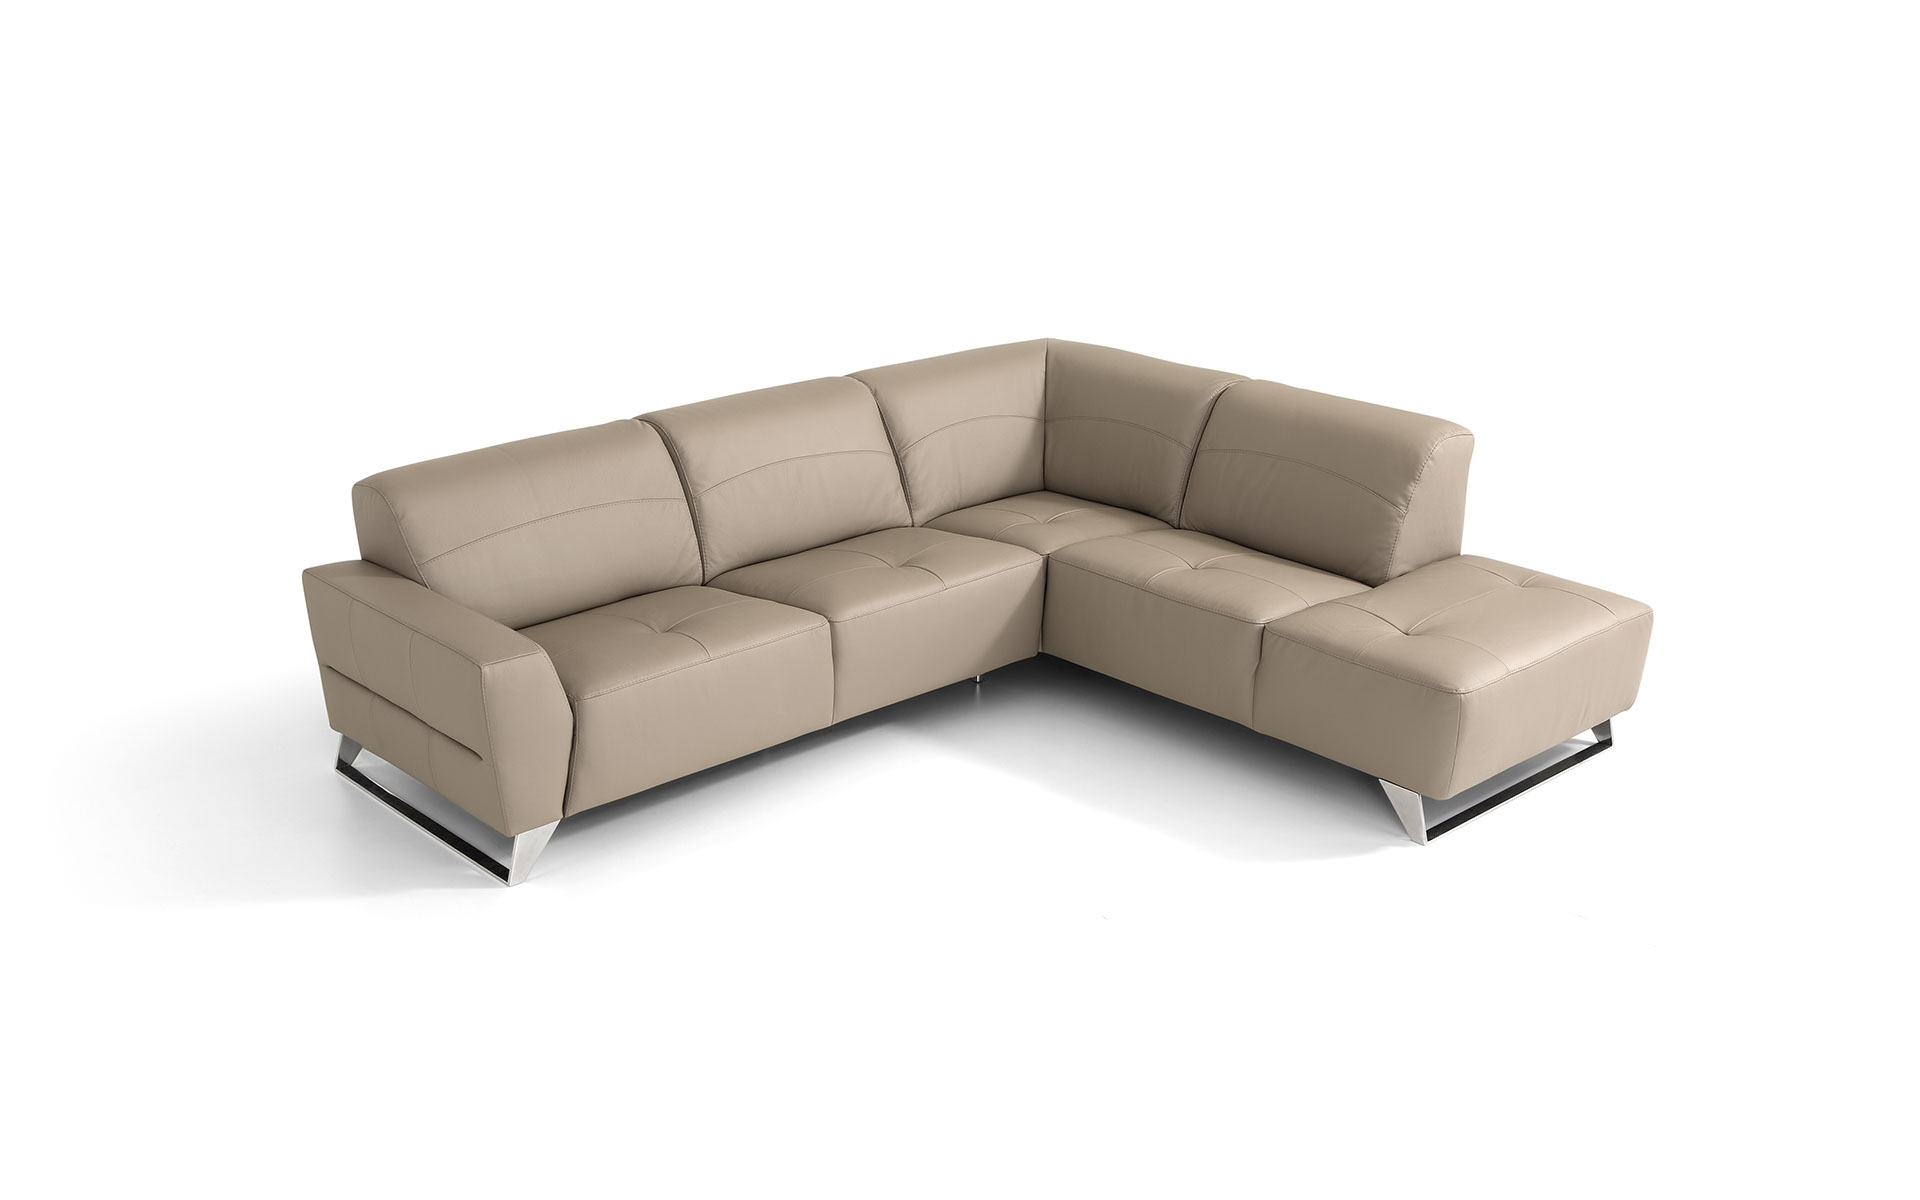 Divano angolare in pelle moderno prezzo outlet divani a for Divano letto in pelle prezzi